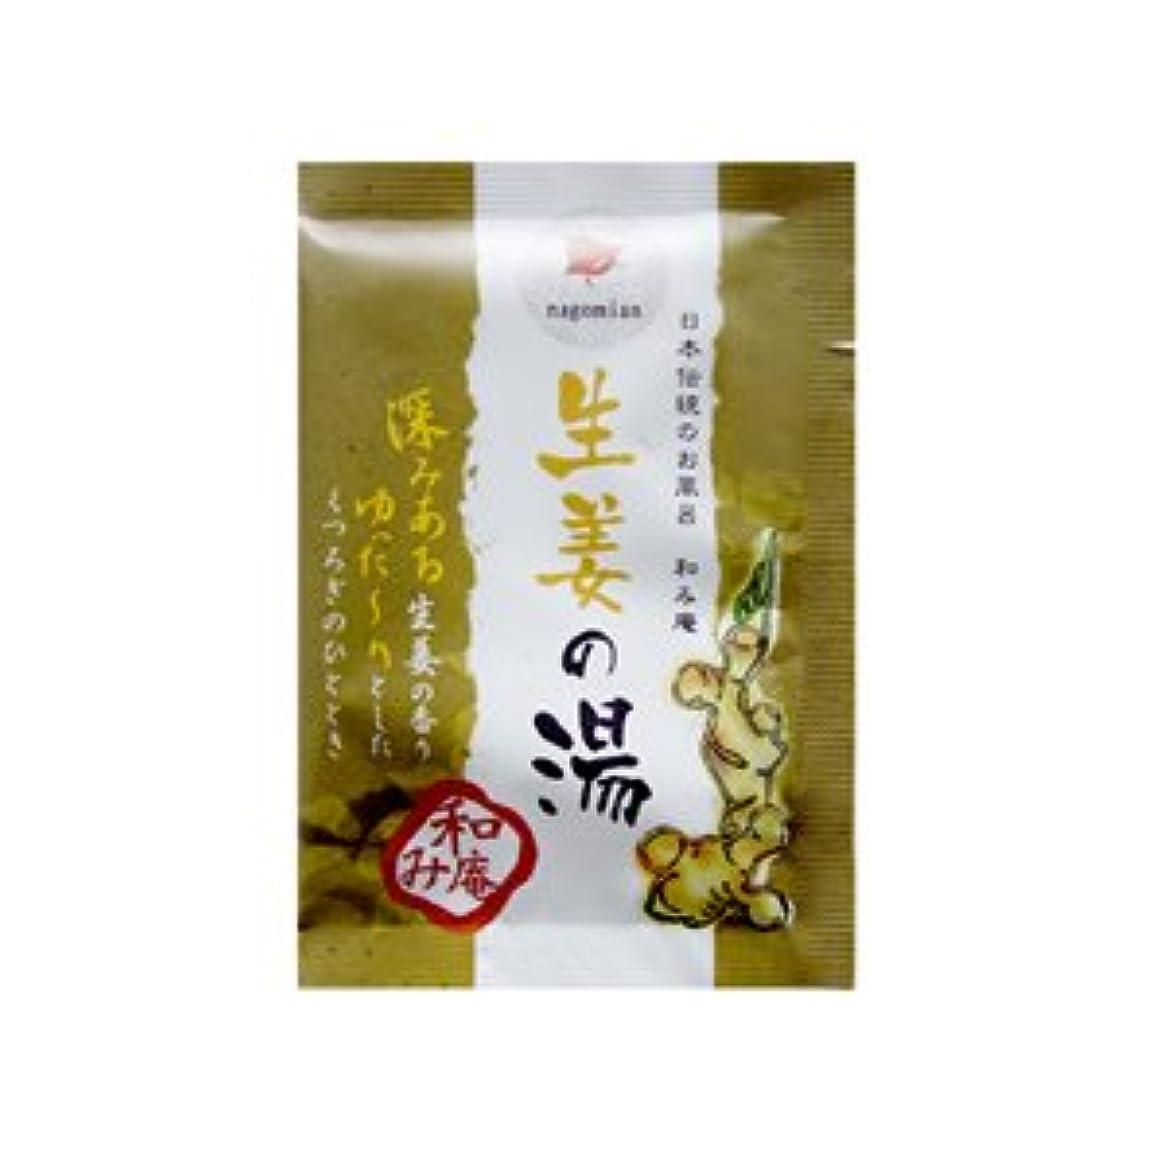 祝福する聴覚障害者咲く日本伝統のお風呂 和み庵 生姜の湯 25g 5個セット